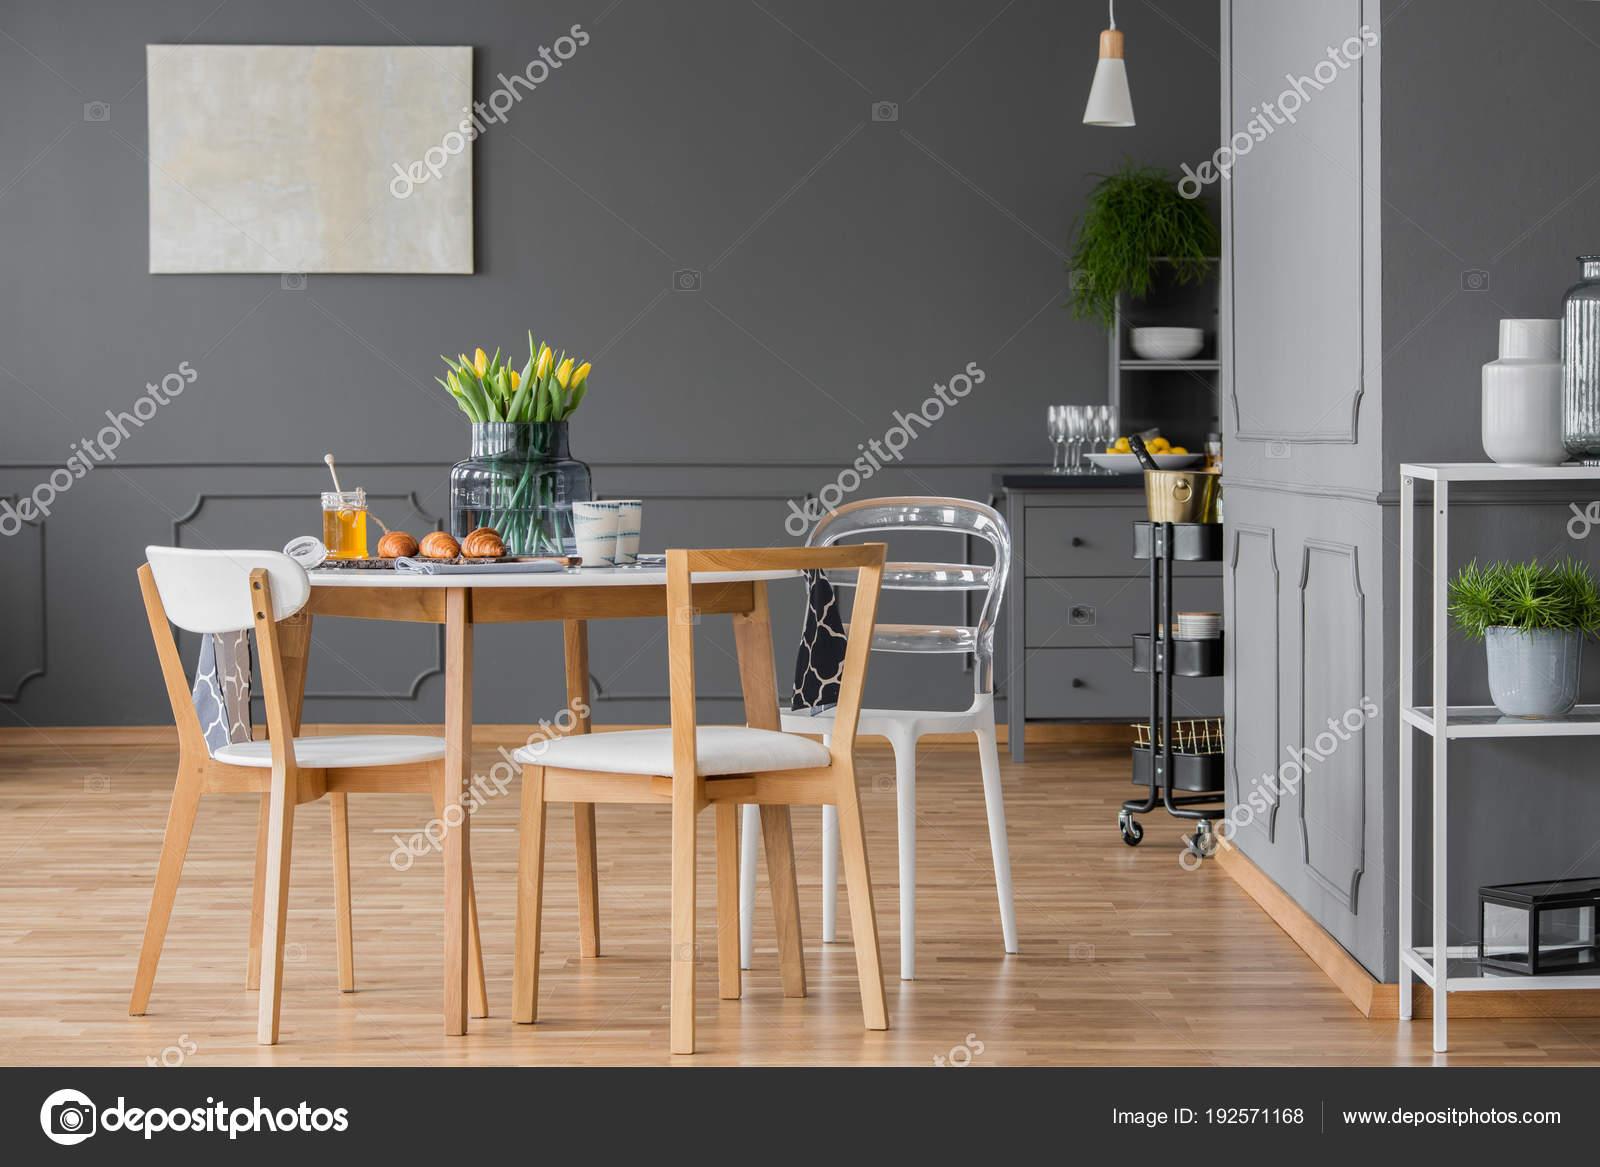 Minimalistisch houten eetkamer meubels u2014 stockfoto © photographee